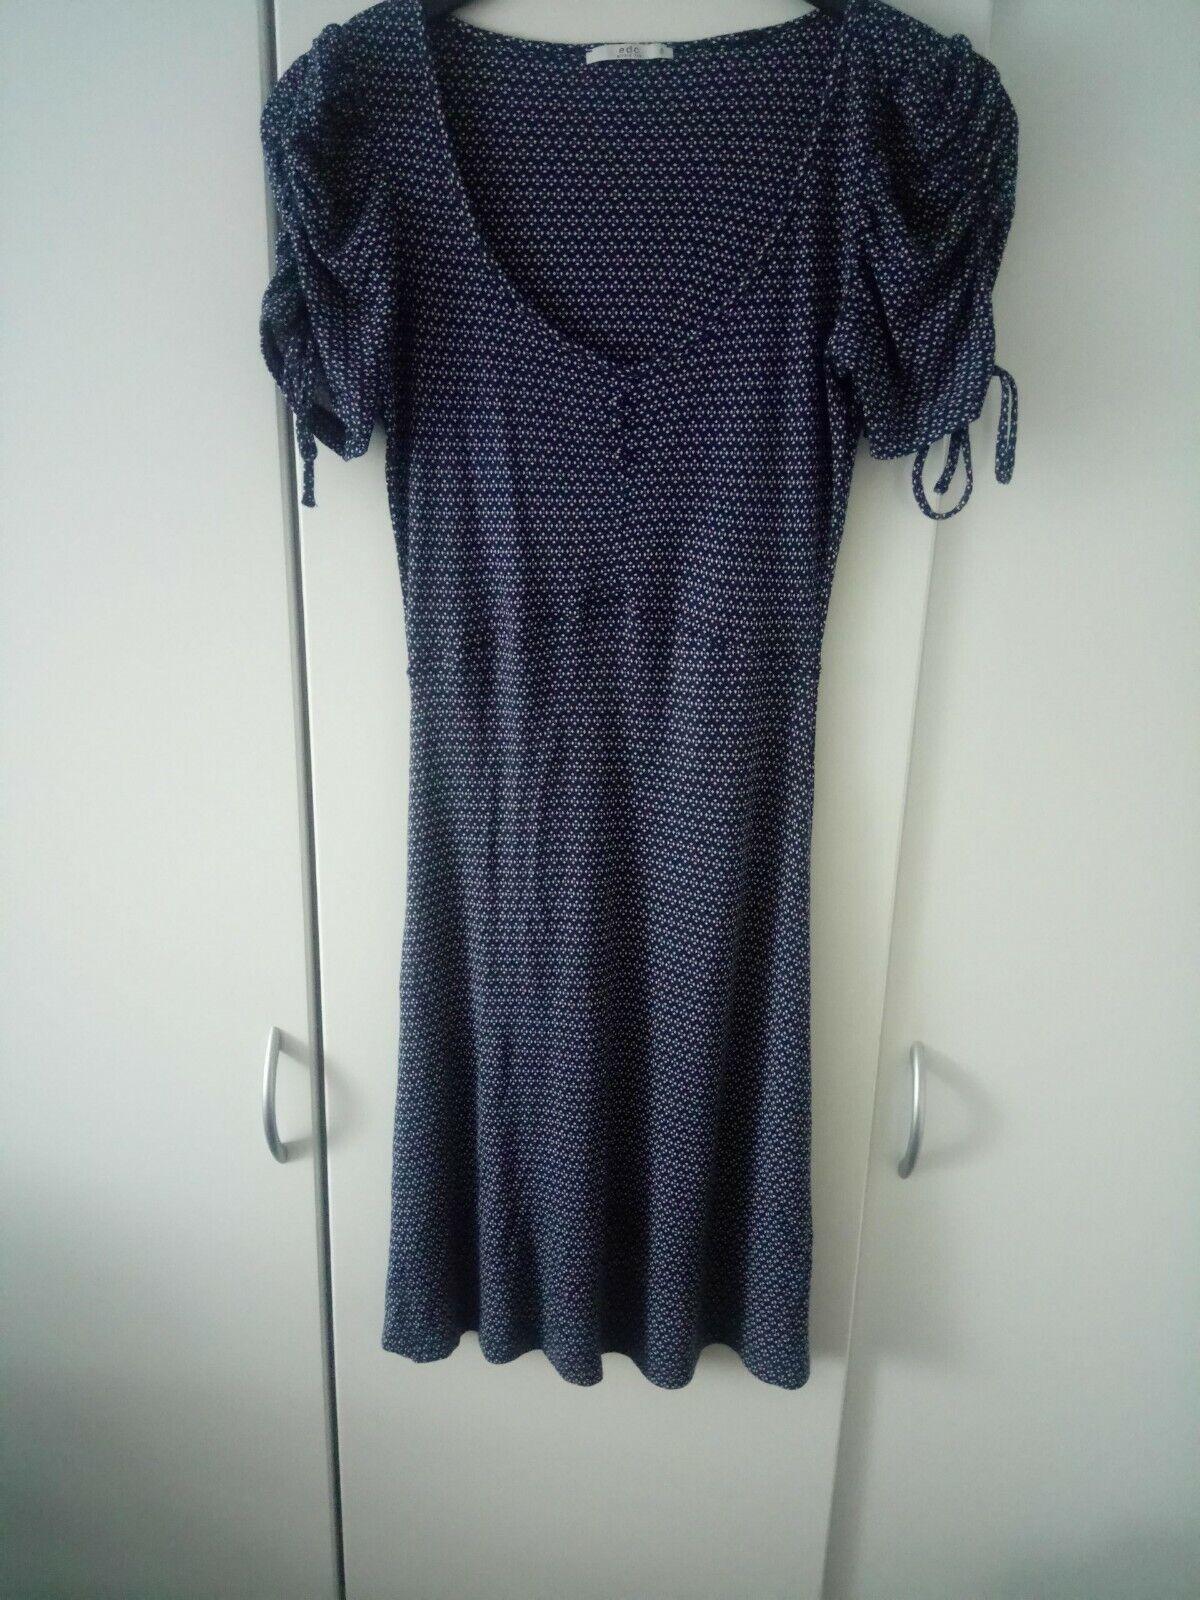 dekoratives Kurzarm Sommerkleid von EDC, Größe S, mehrfarbig mit Armschleifen